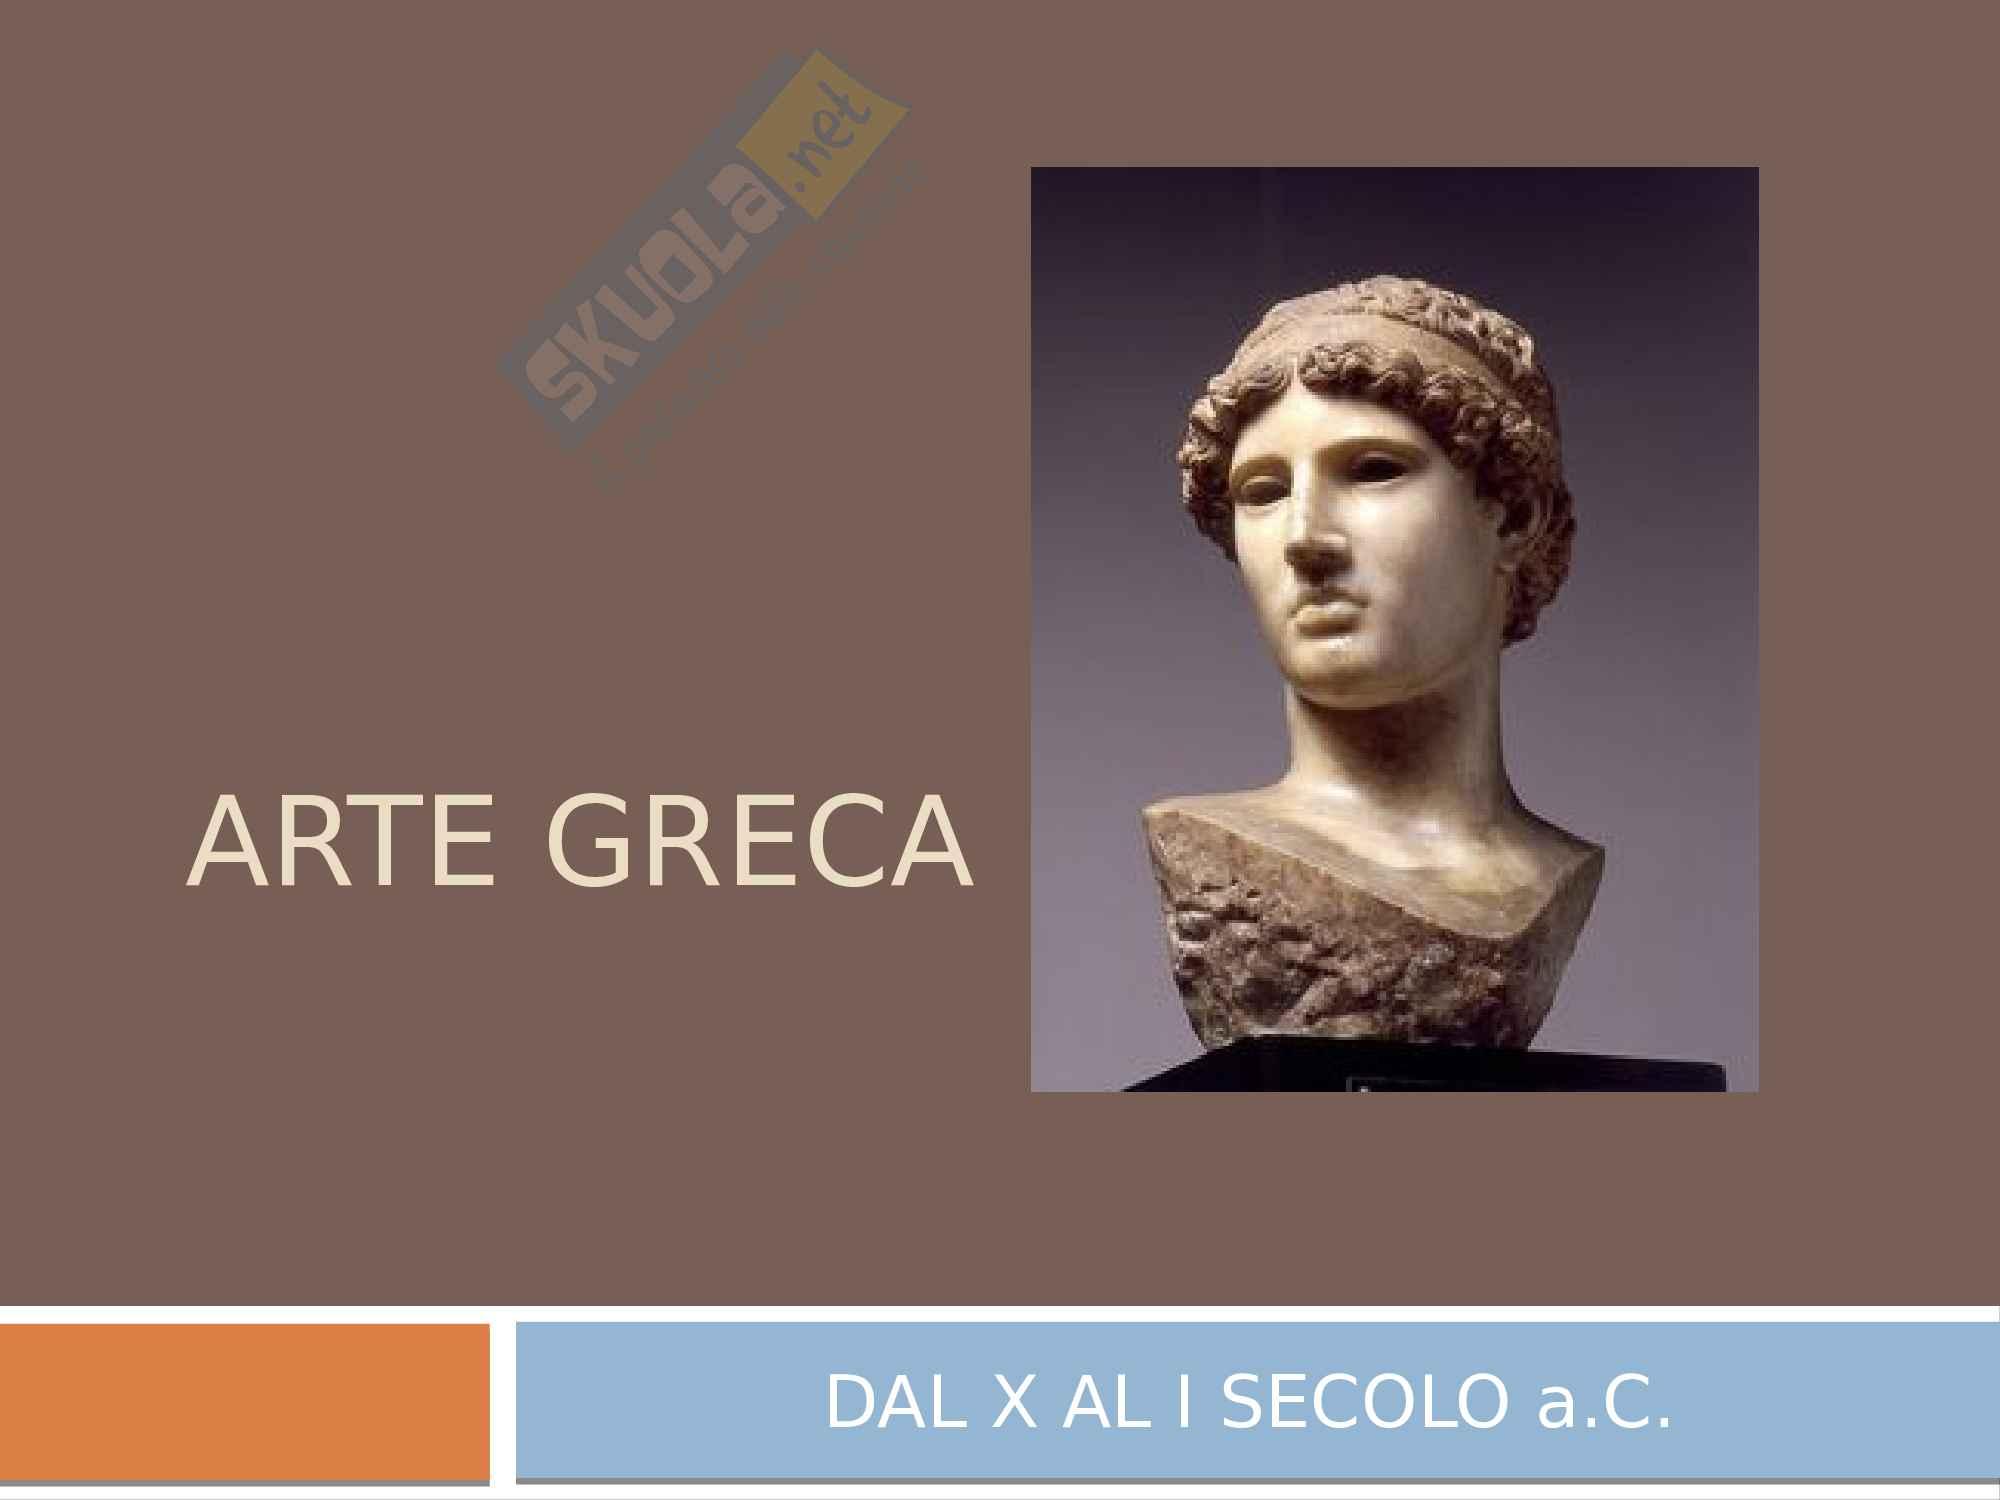 Aspetti e caratteristiche dell'arte greca